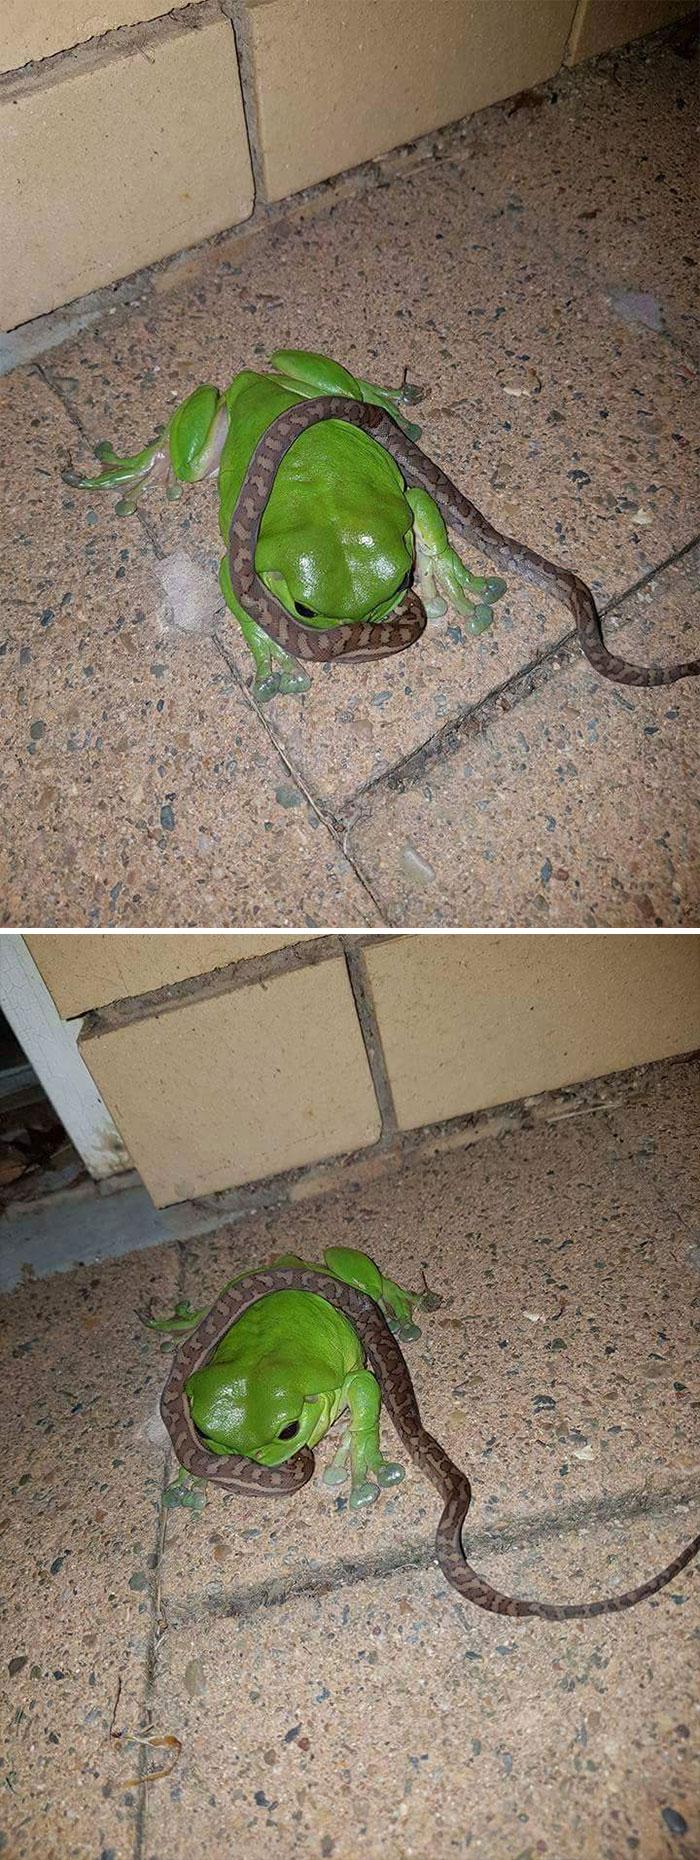 5d3020e2376cd australia scary nature animals 32 5d2d8563432b1  700 - 40 Fotos que provam que a Australia não é para qualquer um